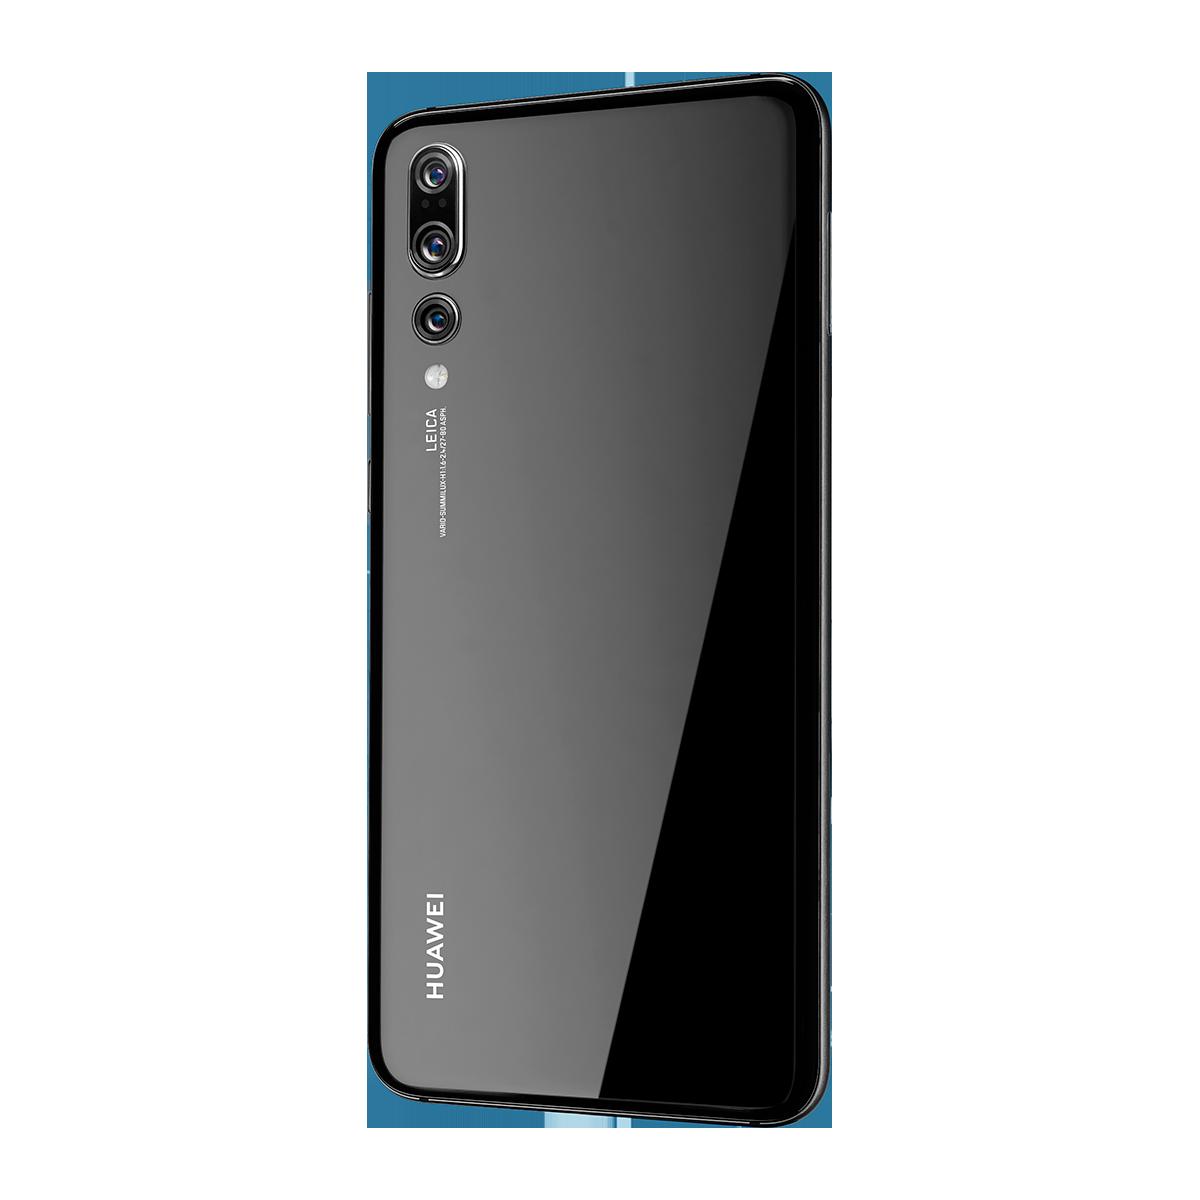 HUAWEI P20 Pro | Mobile | Videotron